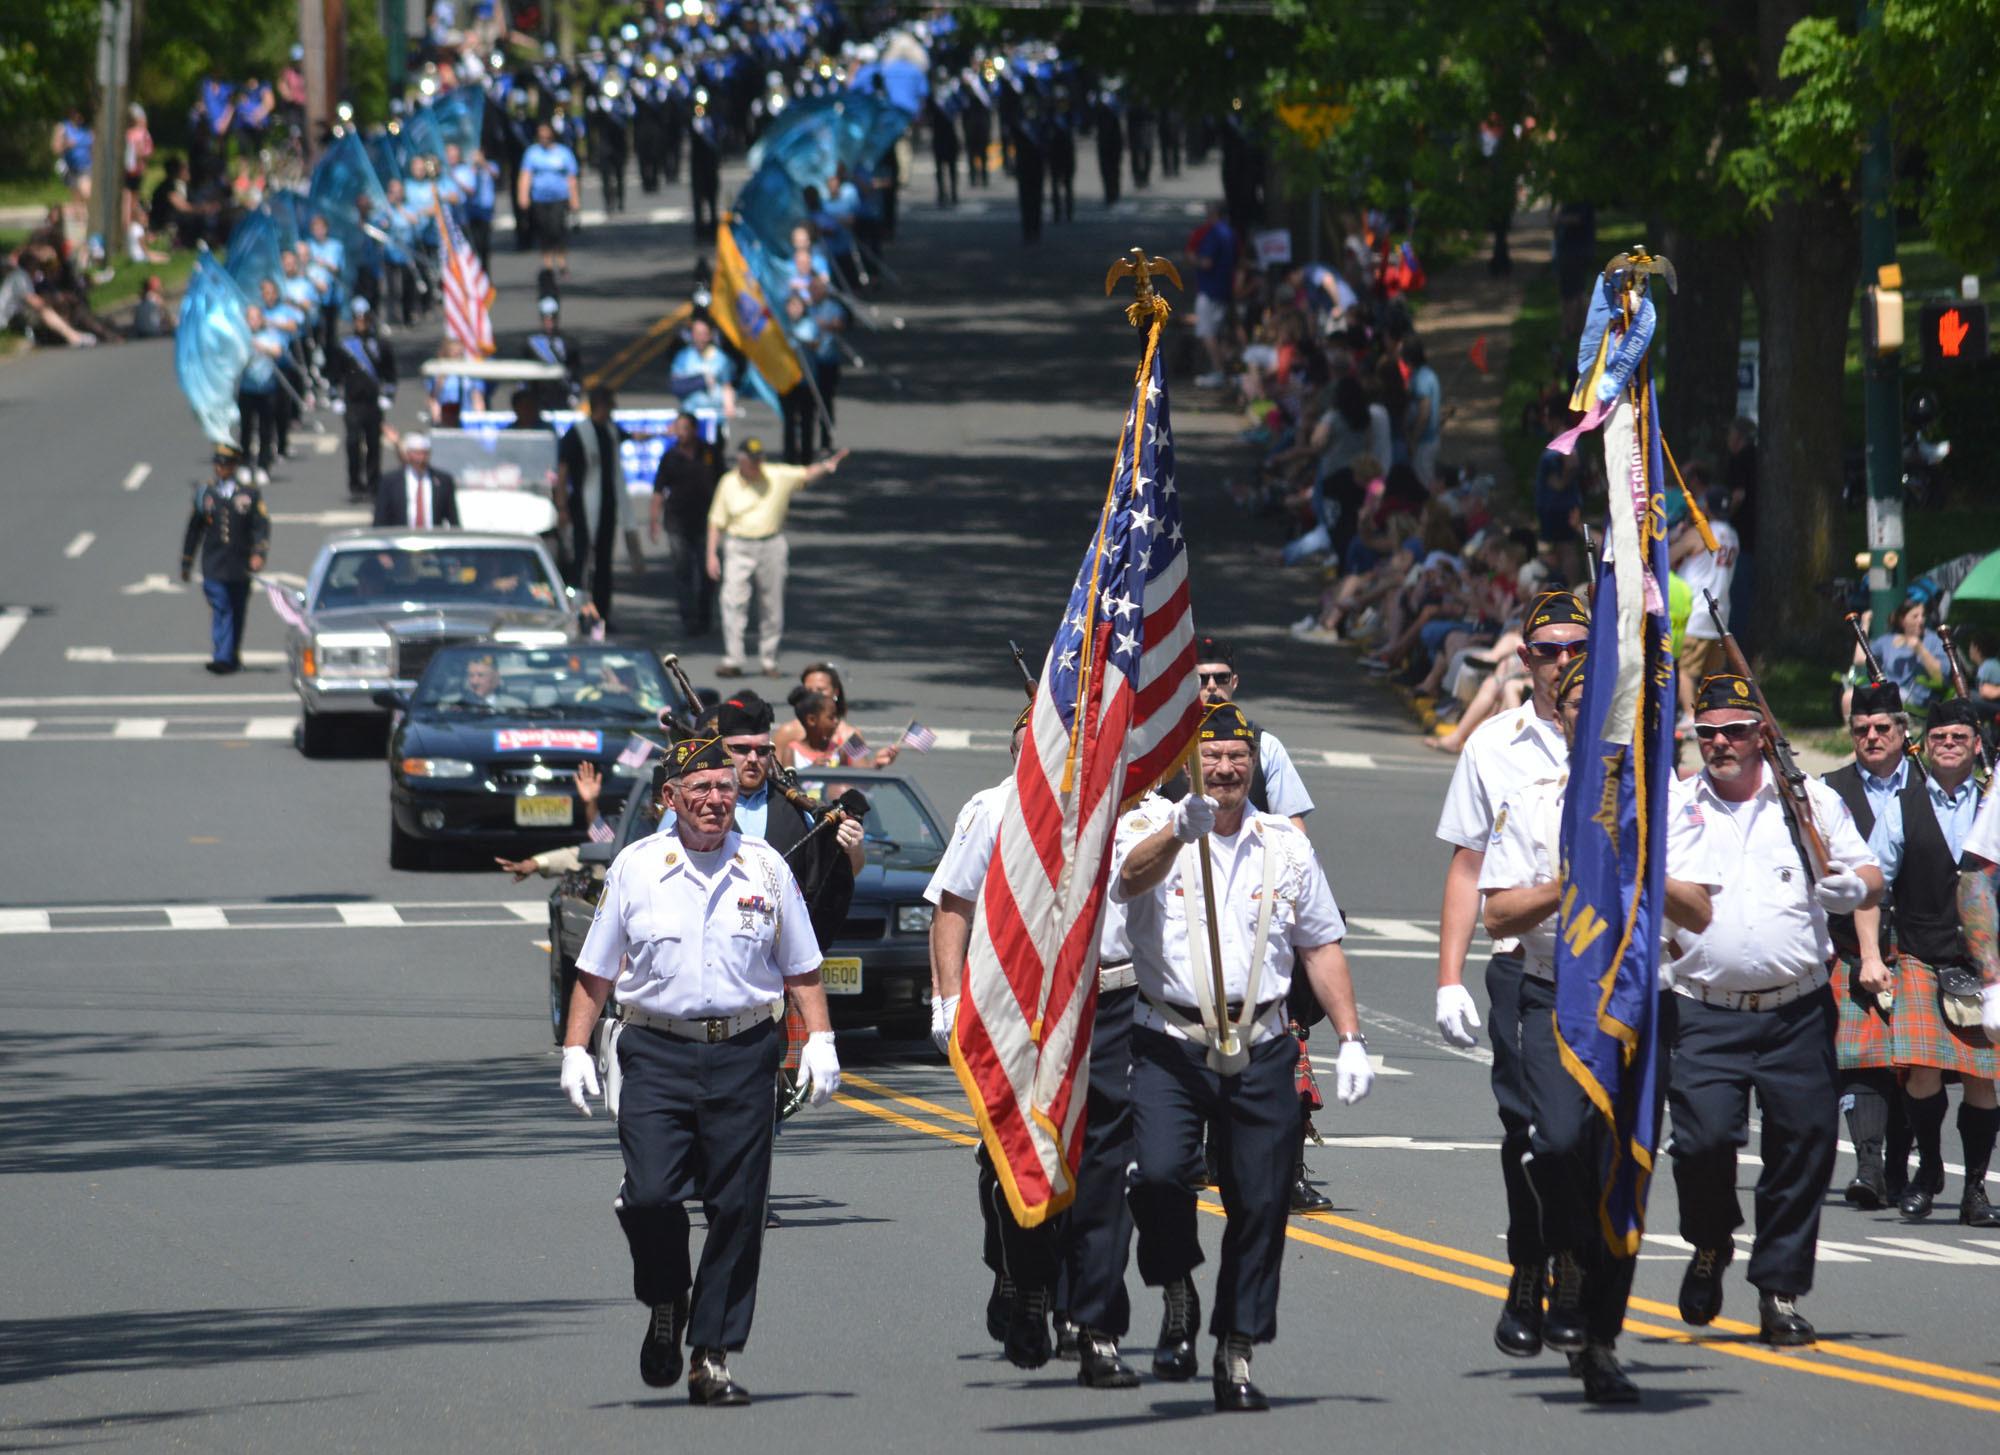 35bee4889097e5118293_Memorial_Day_Parade_-_Horton_photo.jpg